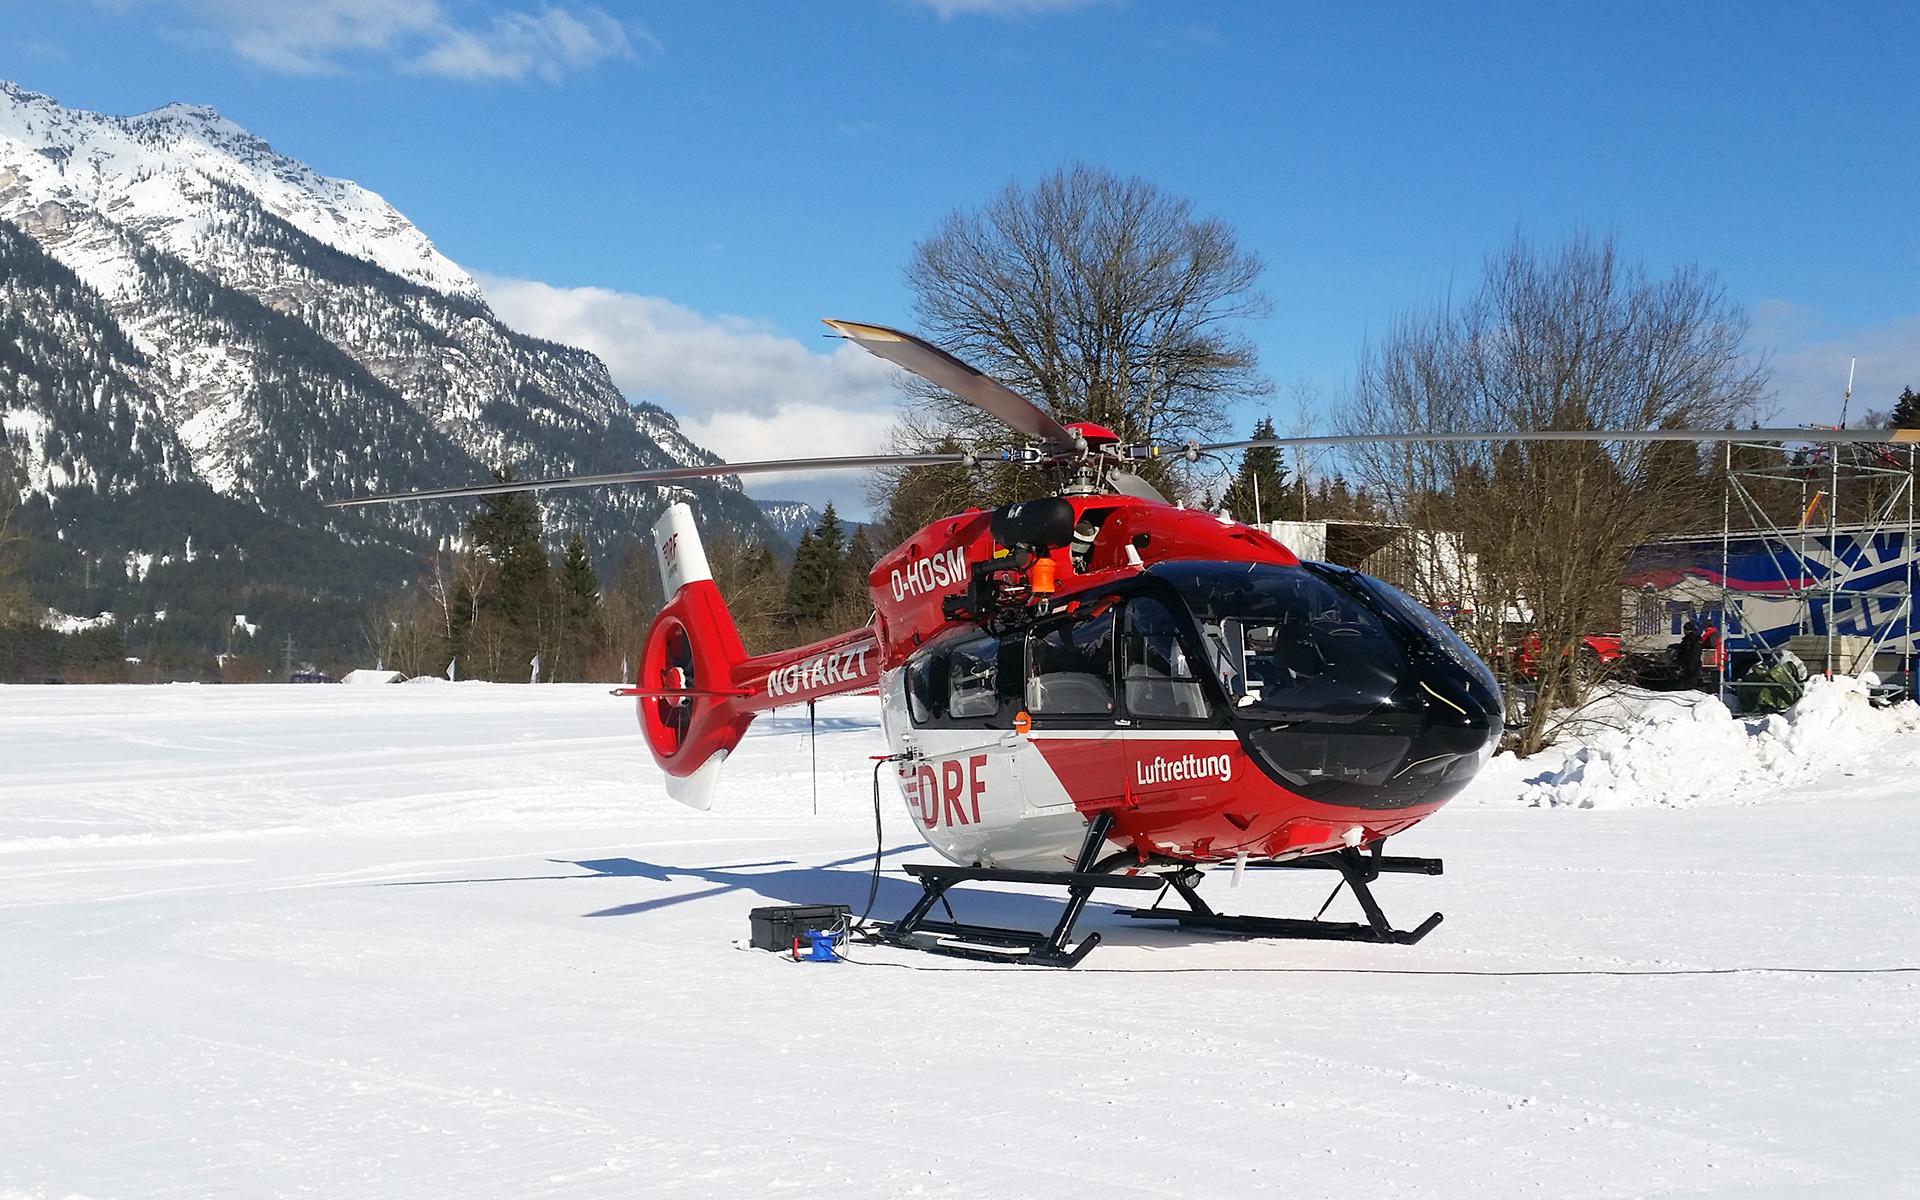 Die DRF Luftrettung ist als offizieller Partner beim FIS Ski-Weltcup in Garmisch-Partenkirchen dabei. Foto: DRF Luftrettung / Chr. Brunnlechner